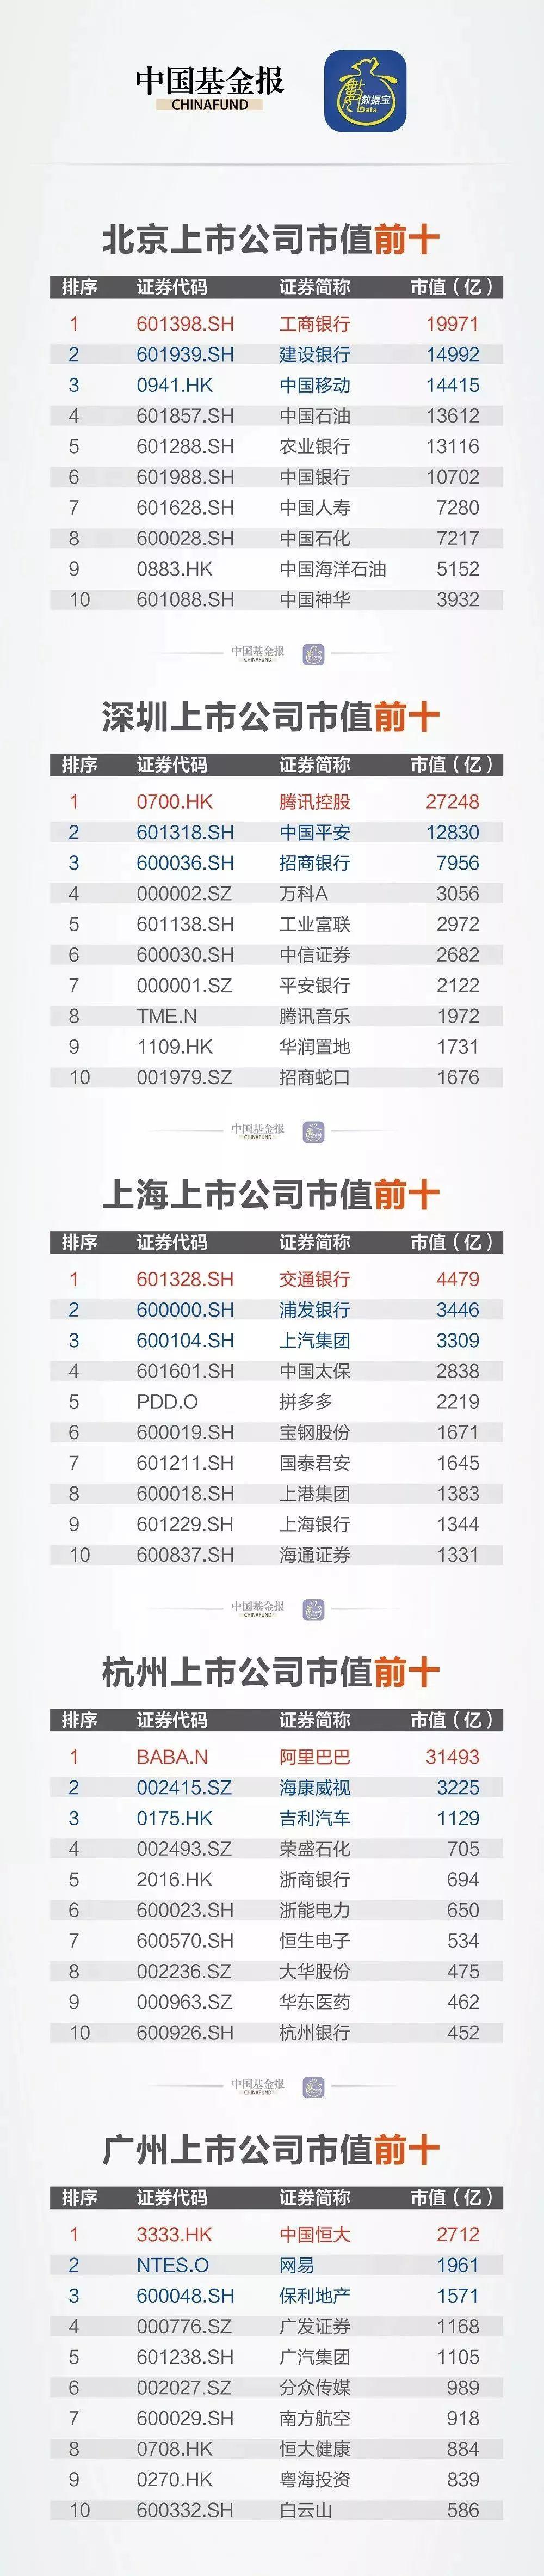 又是深圳!GDP剛超香港,上市公司市值又超10萬億:竟比上海高出4個成都